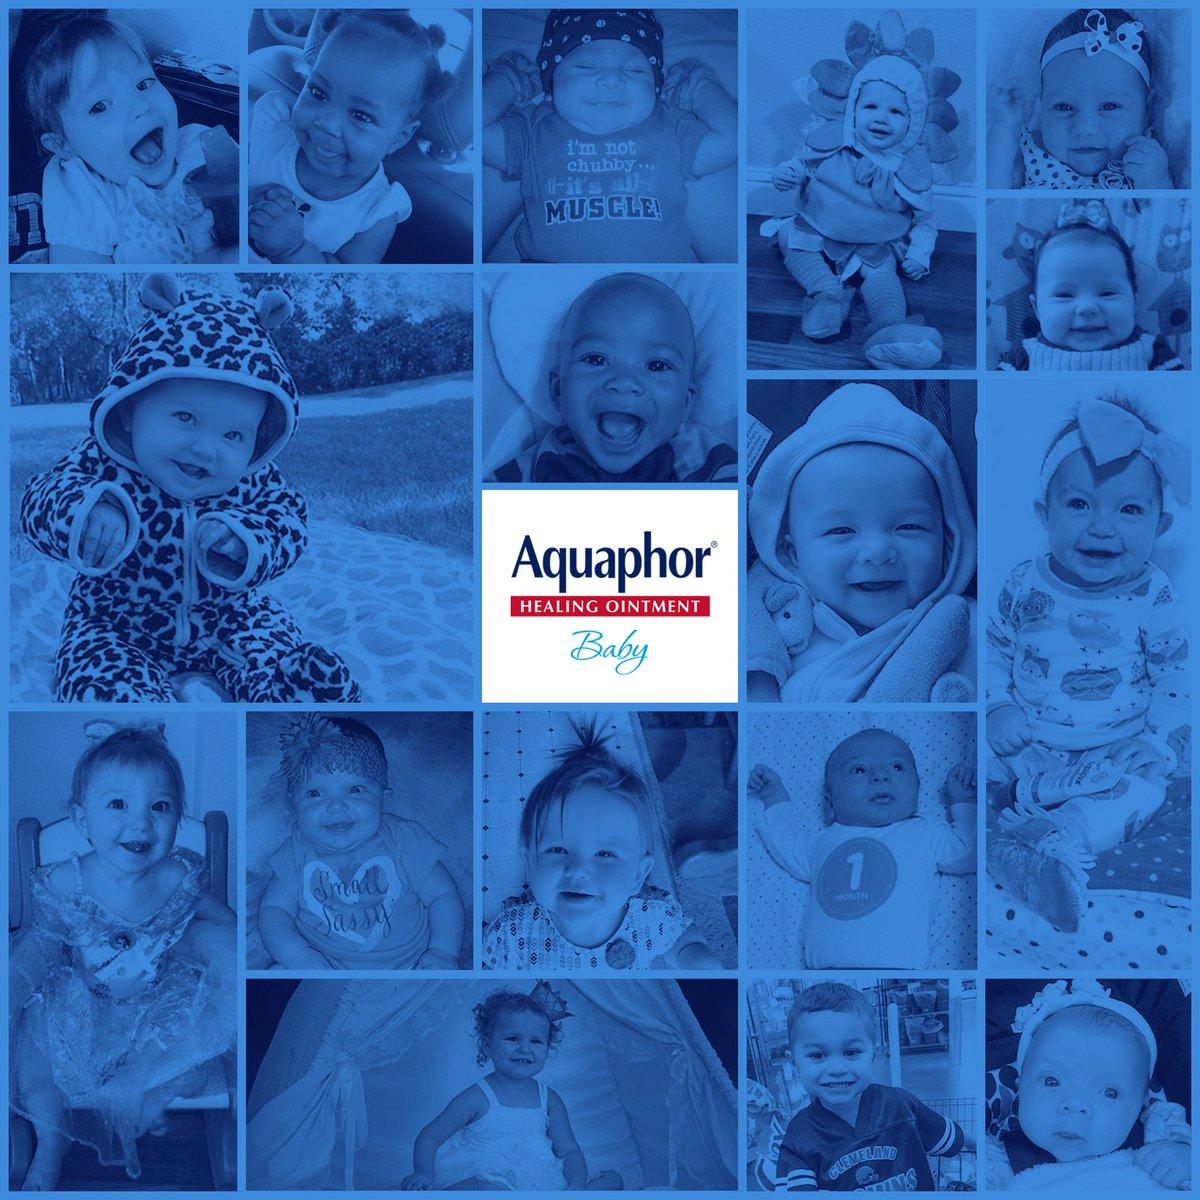 AquaphorUS photo